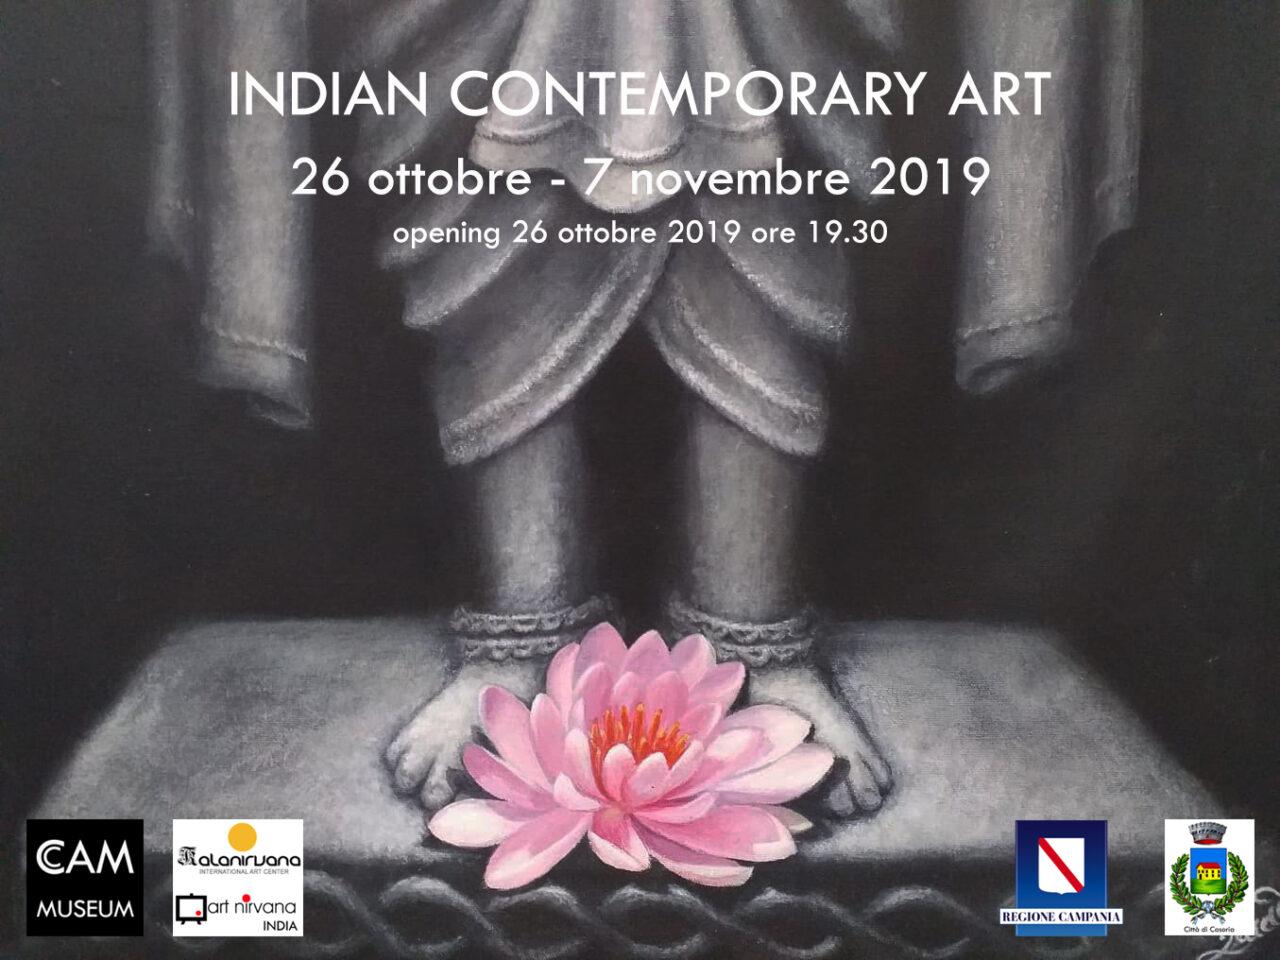 (Italiano) Indian Contemporary Art